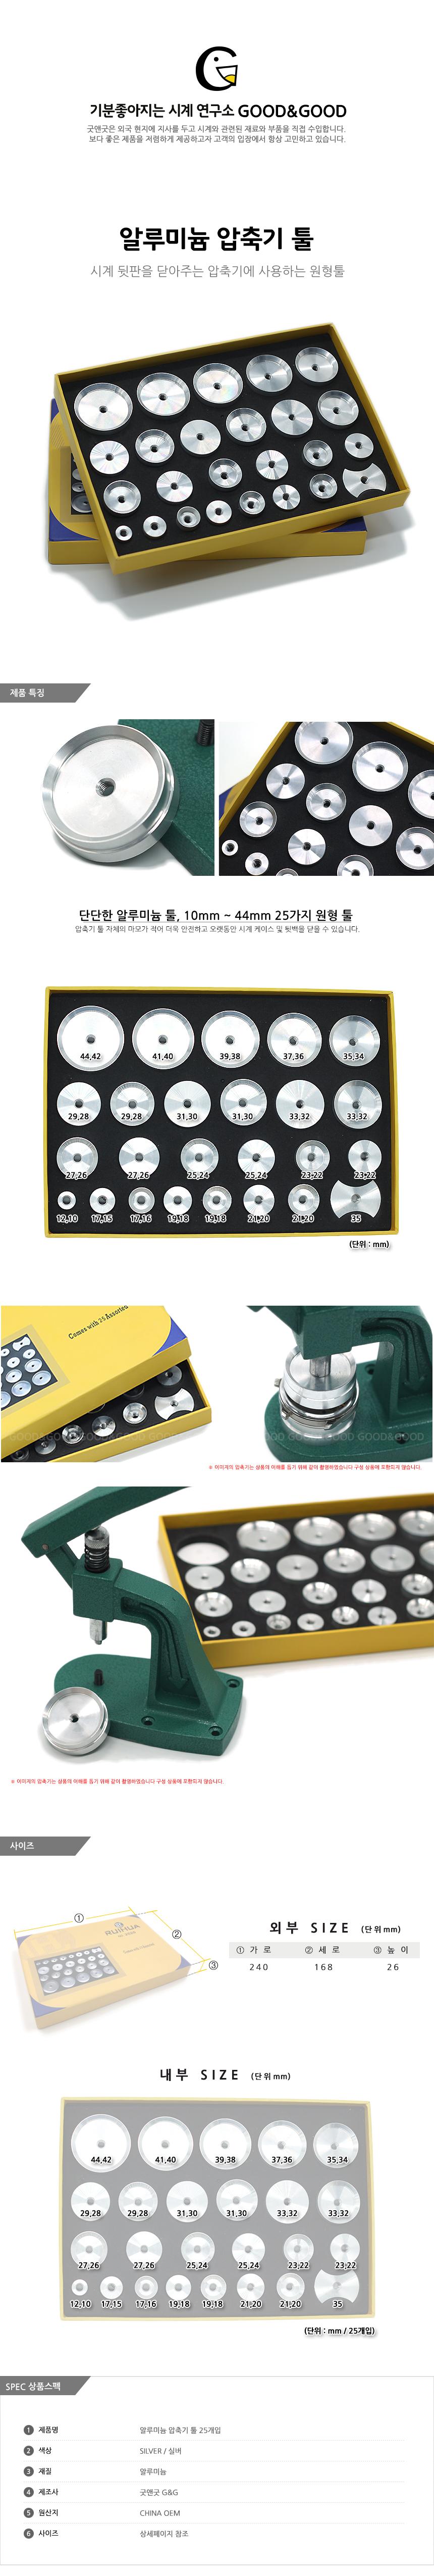 알루미늄 압축기 툴